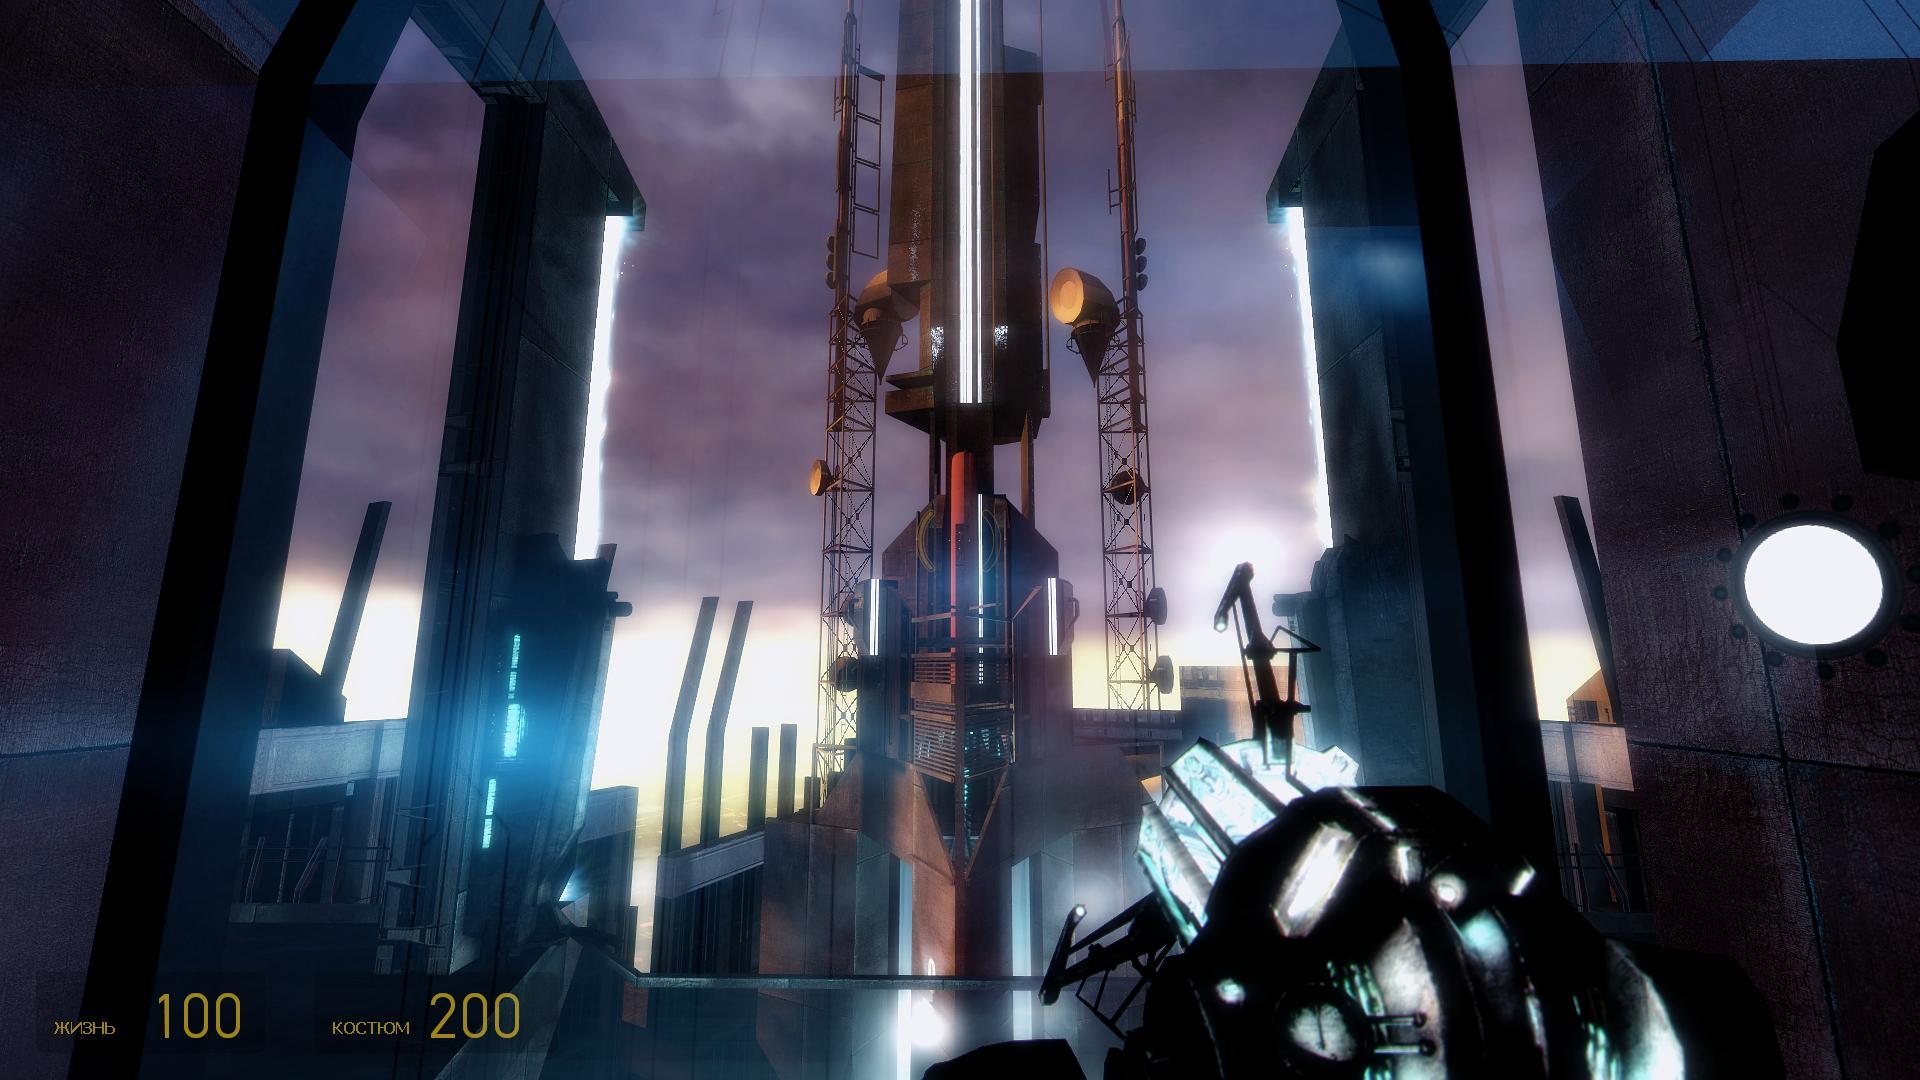 Half-Life 2 2018-09-06 22-23-57-75.jpg - Half-Life 2